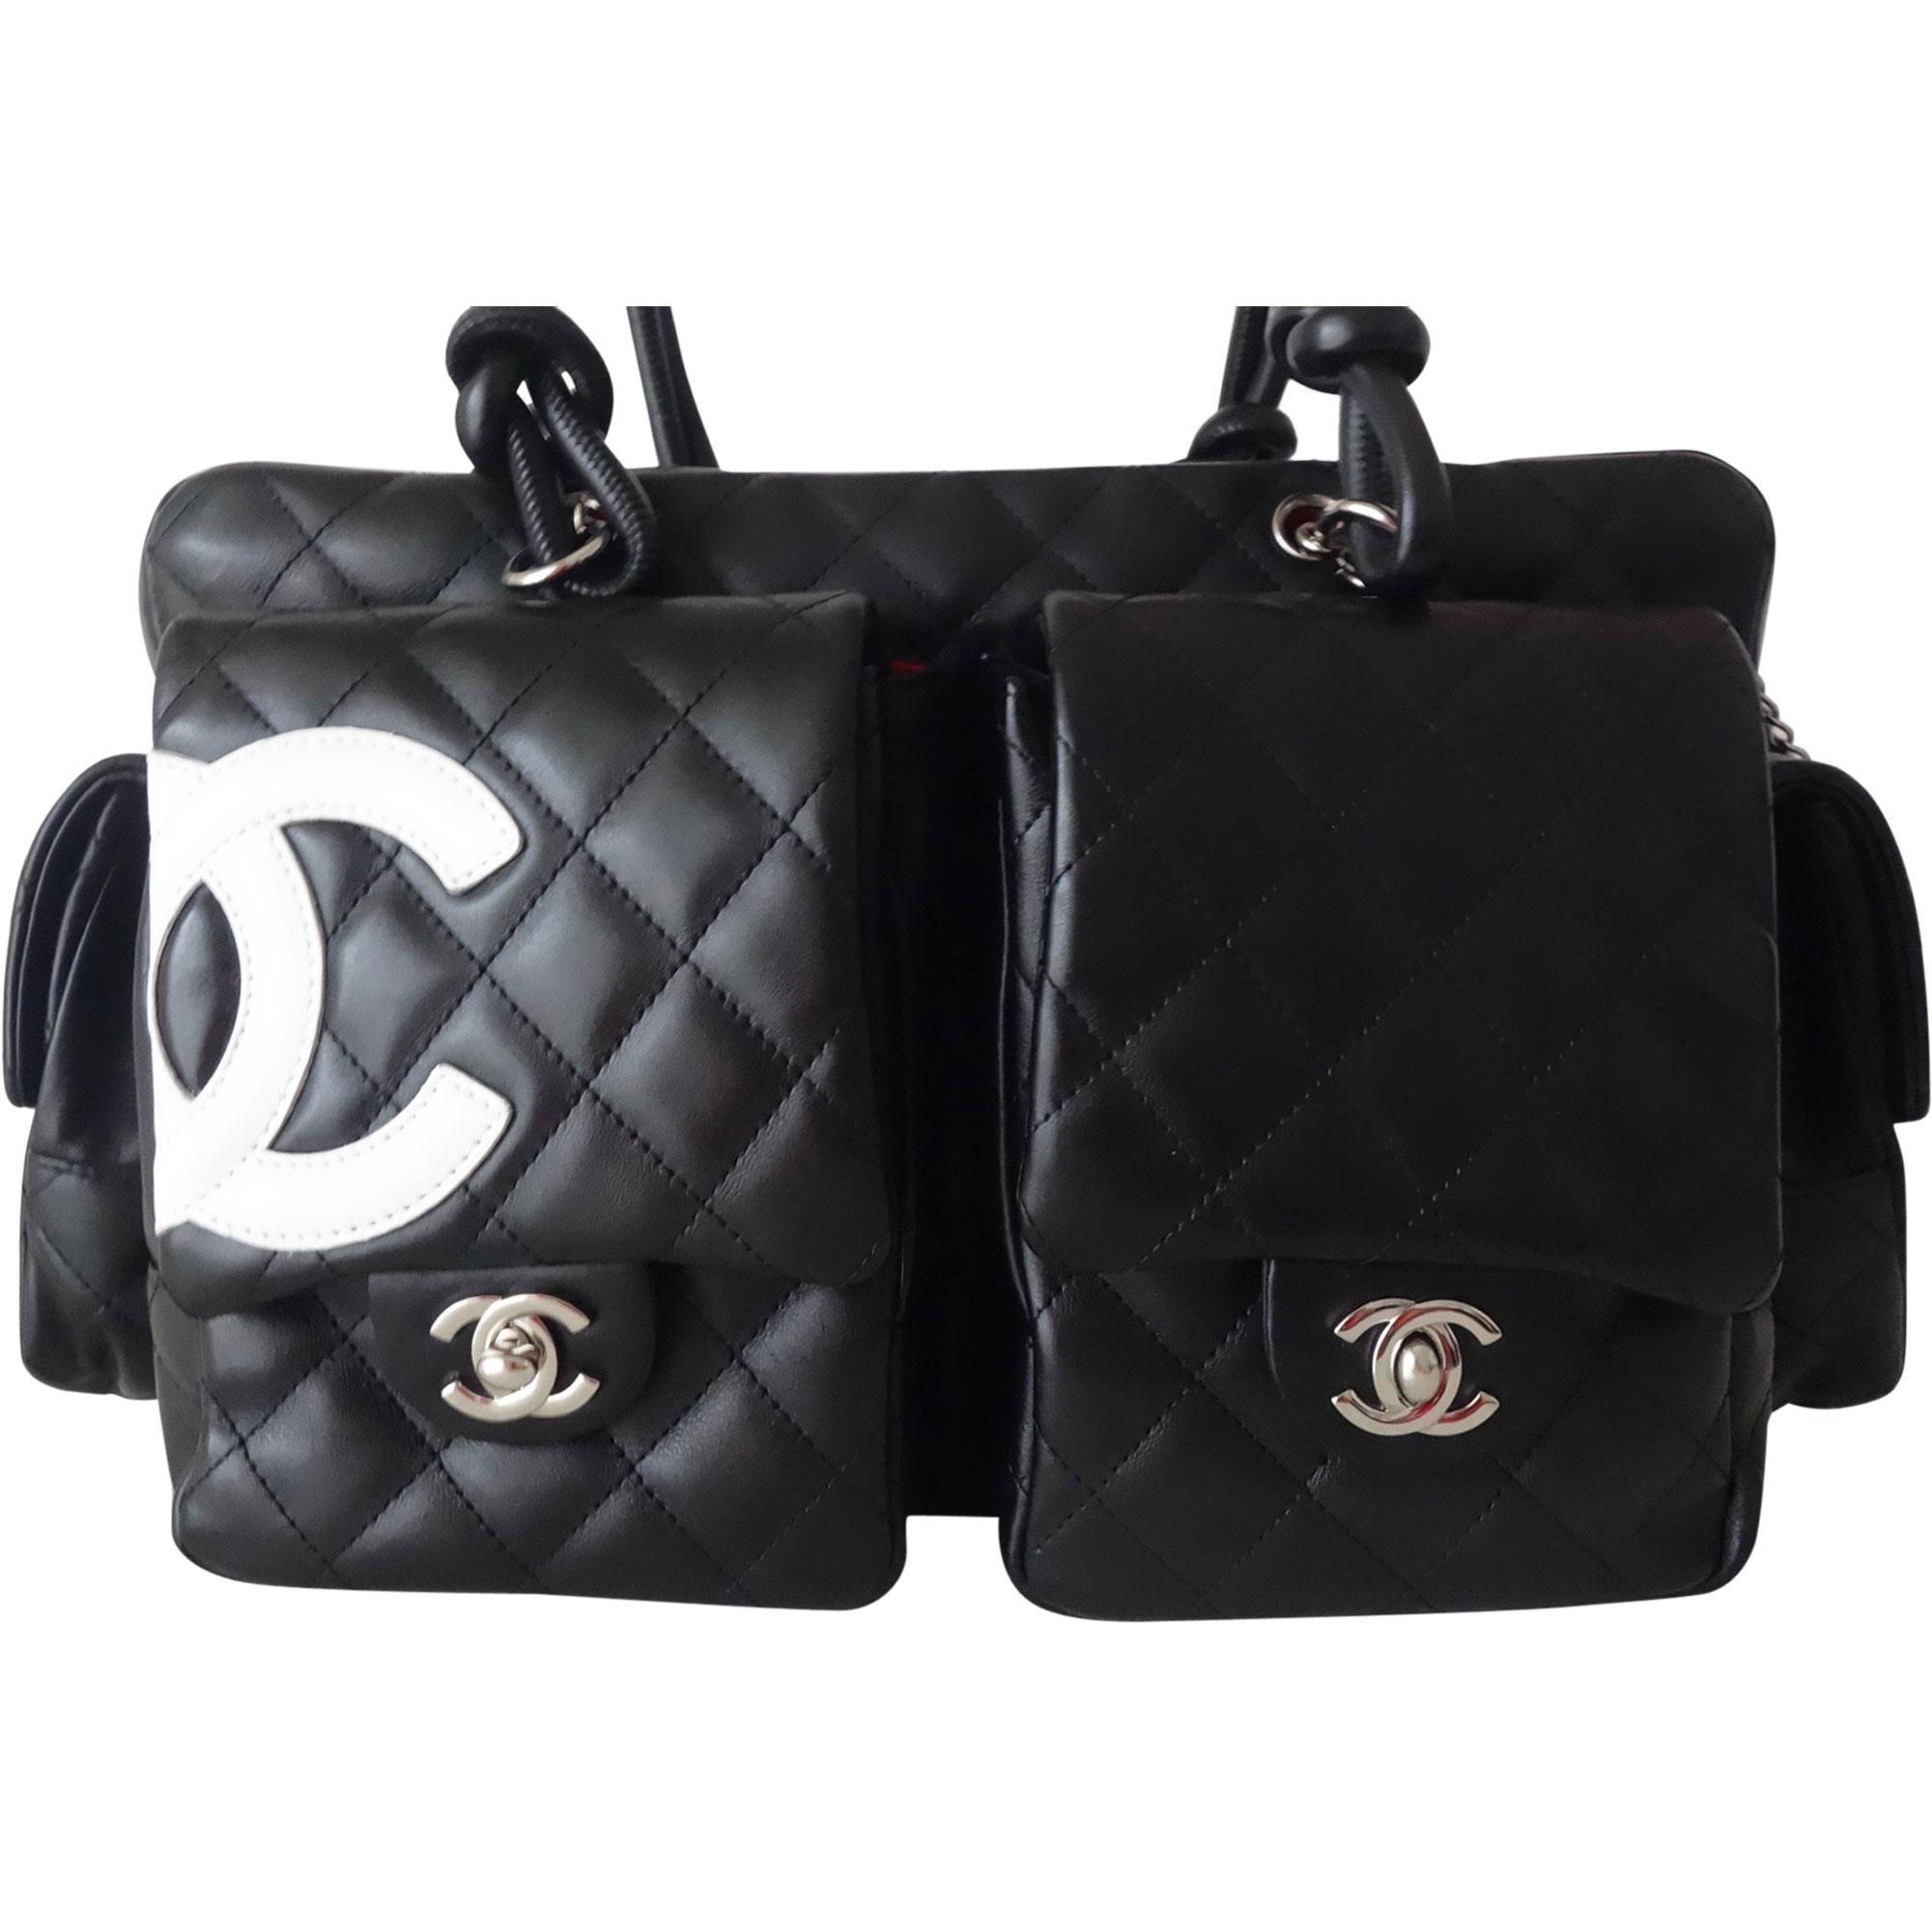 cf55790aa1d9 Sac à main en cuir CHANEL cambon noir vendu par Atoutluxe boutique ...